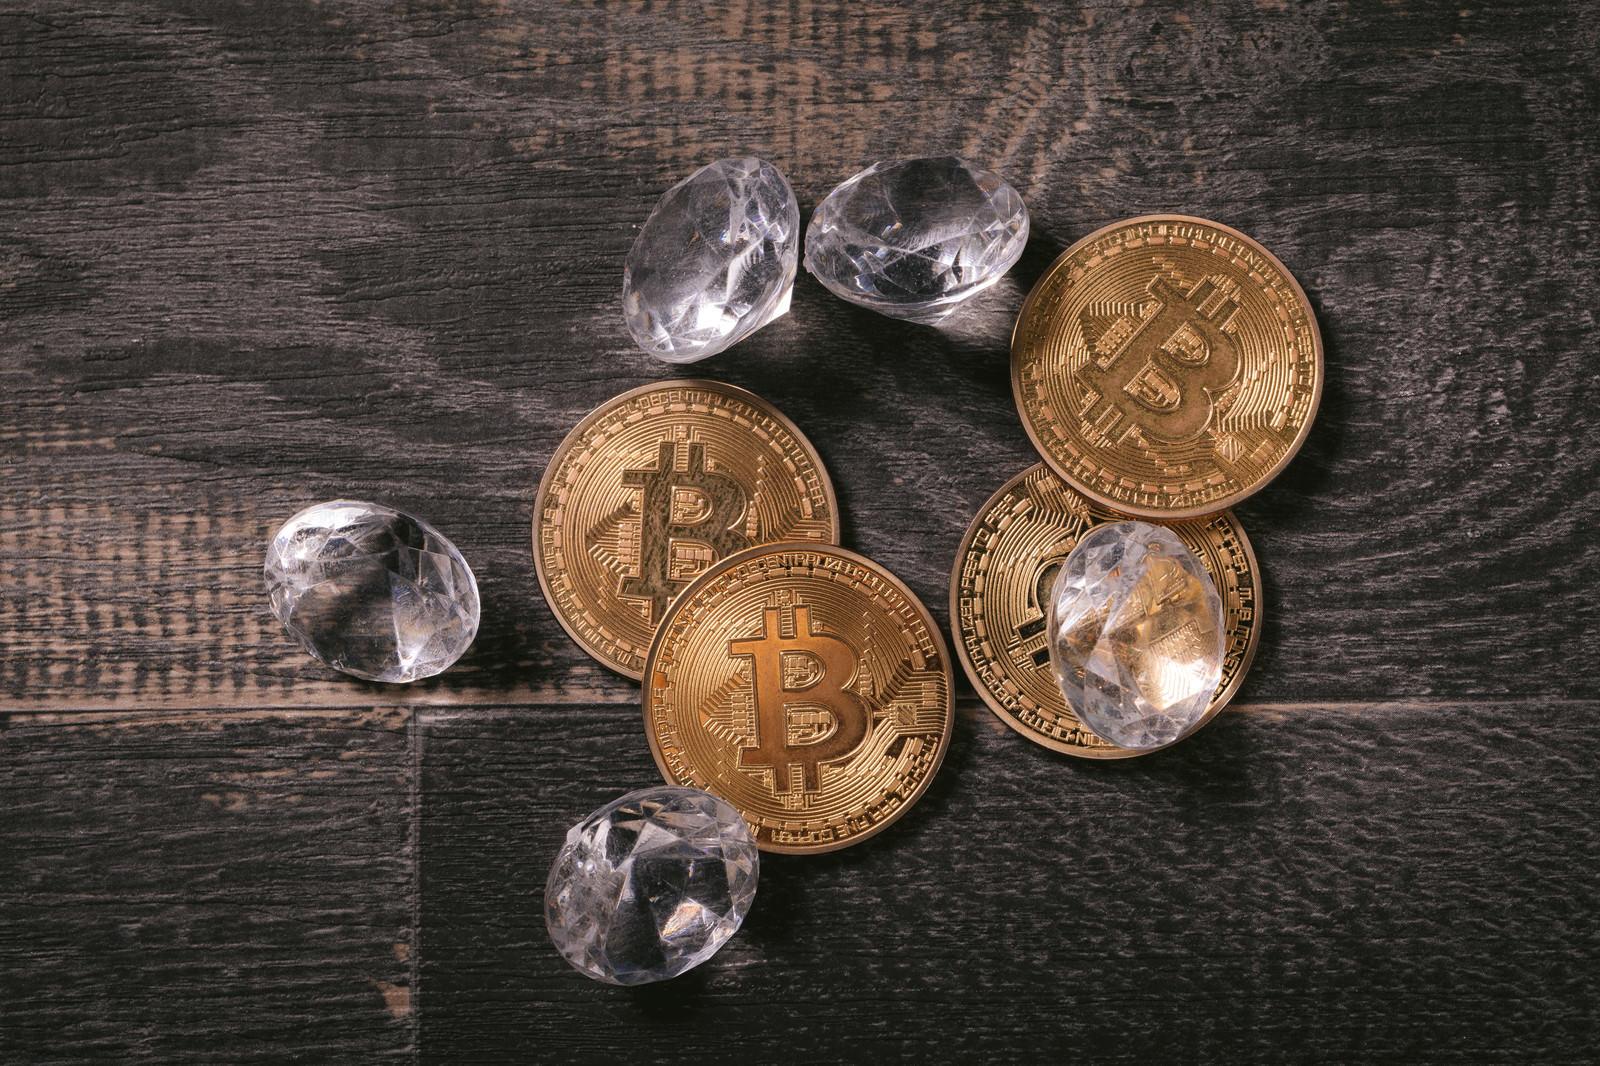 「採掘したダイヤとビットコイン」の写真